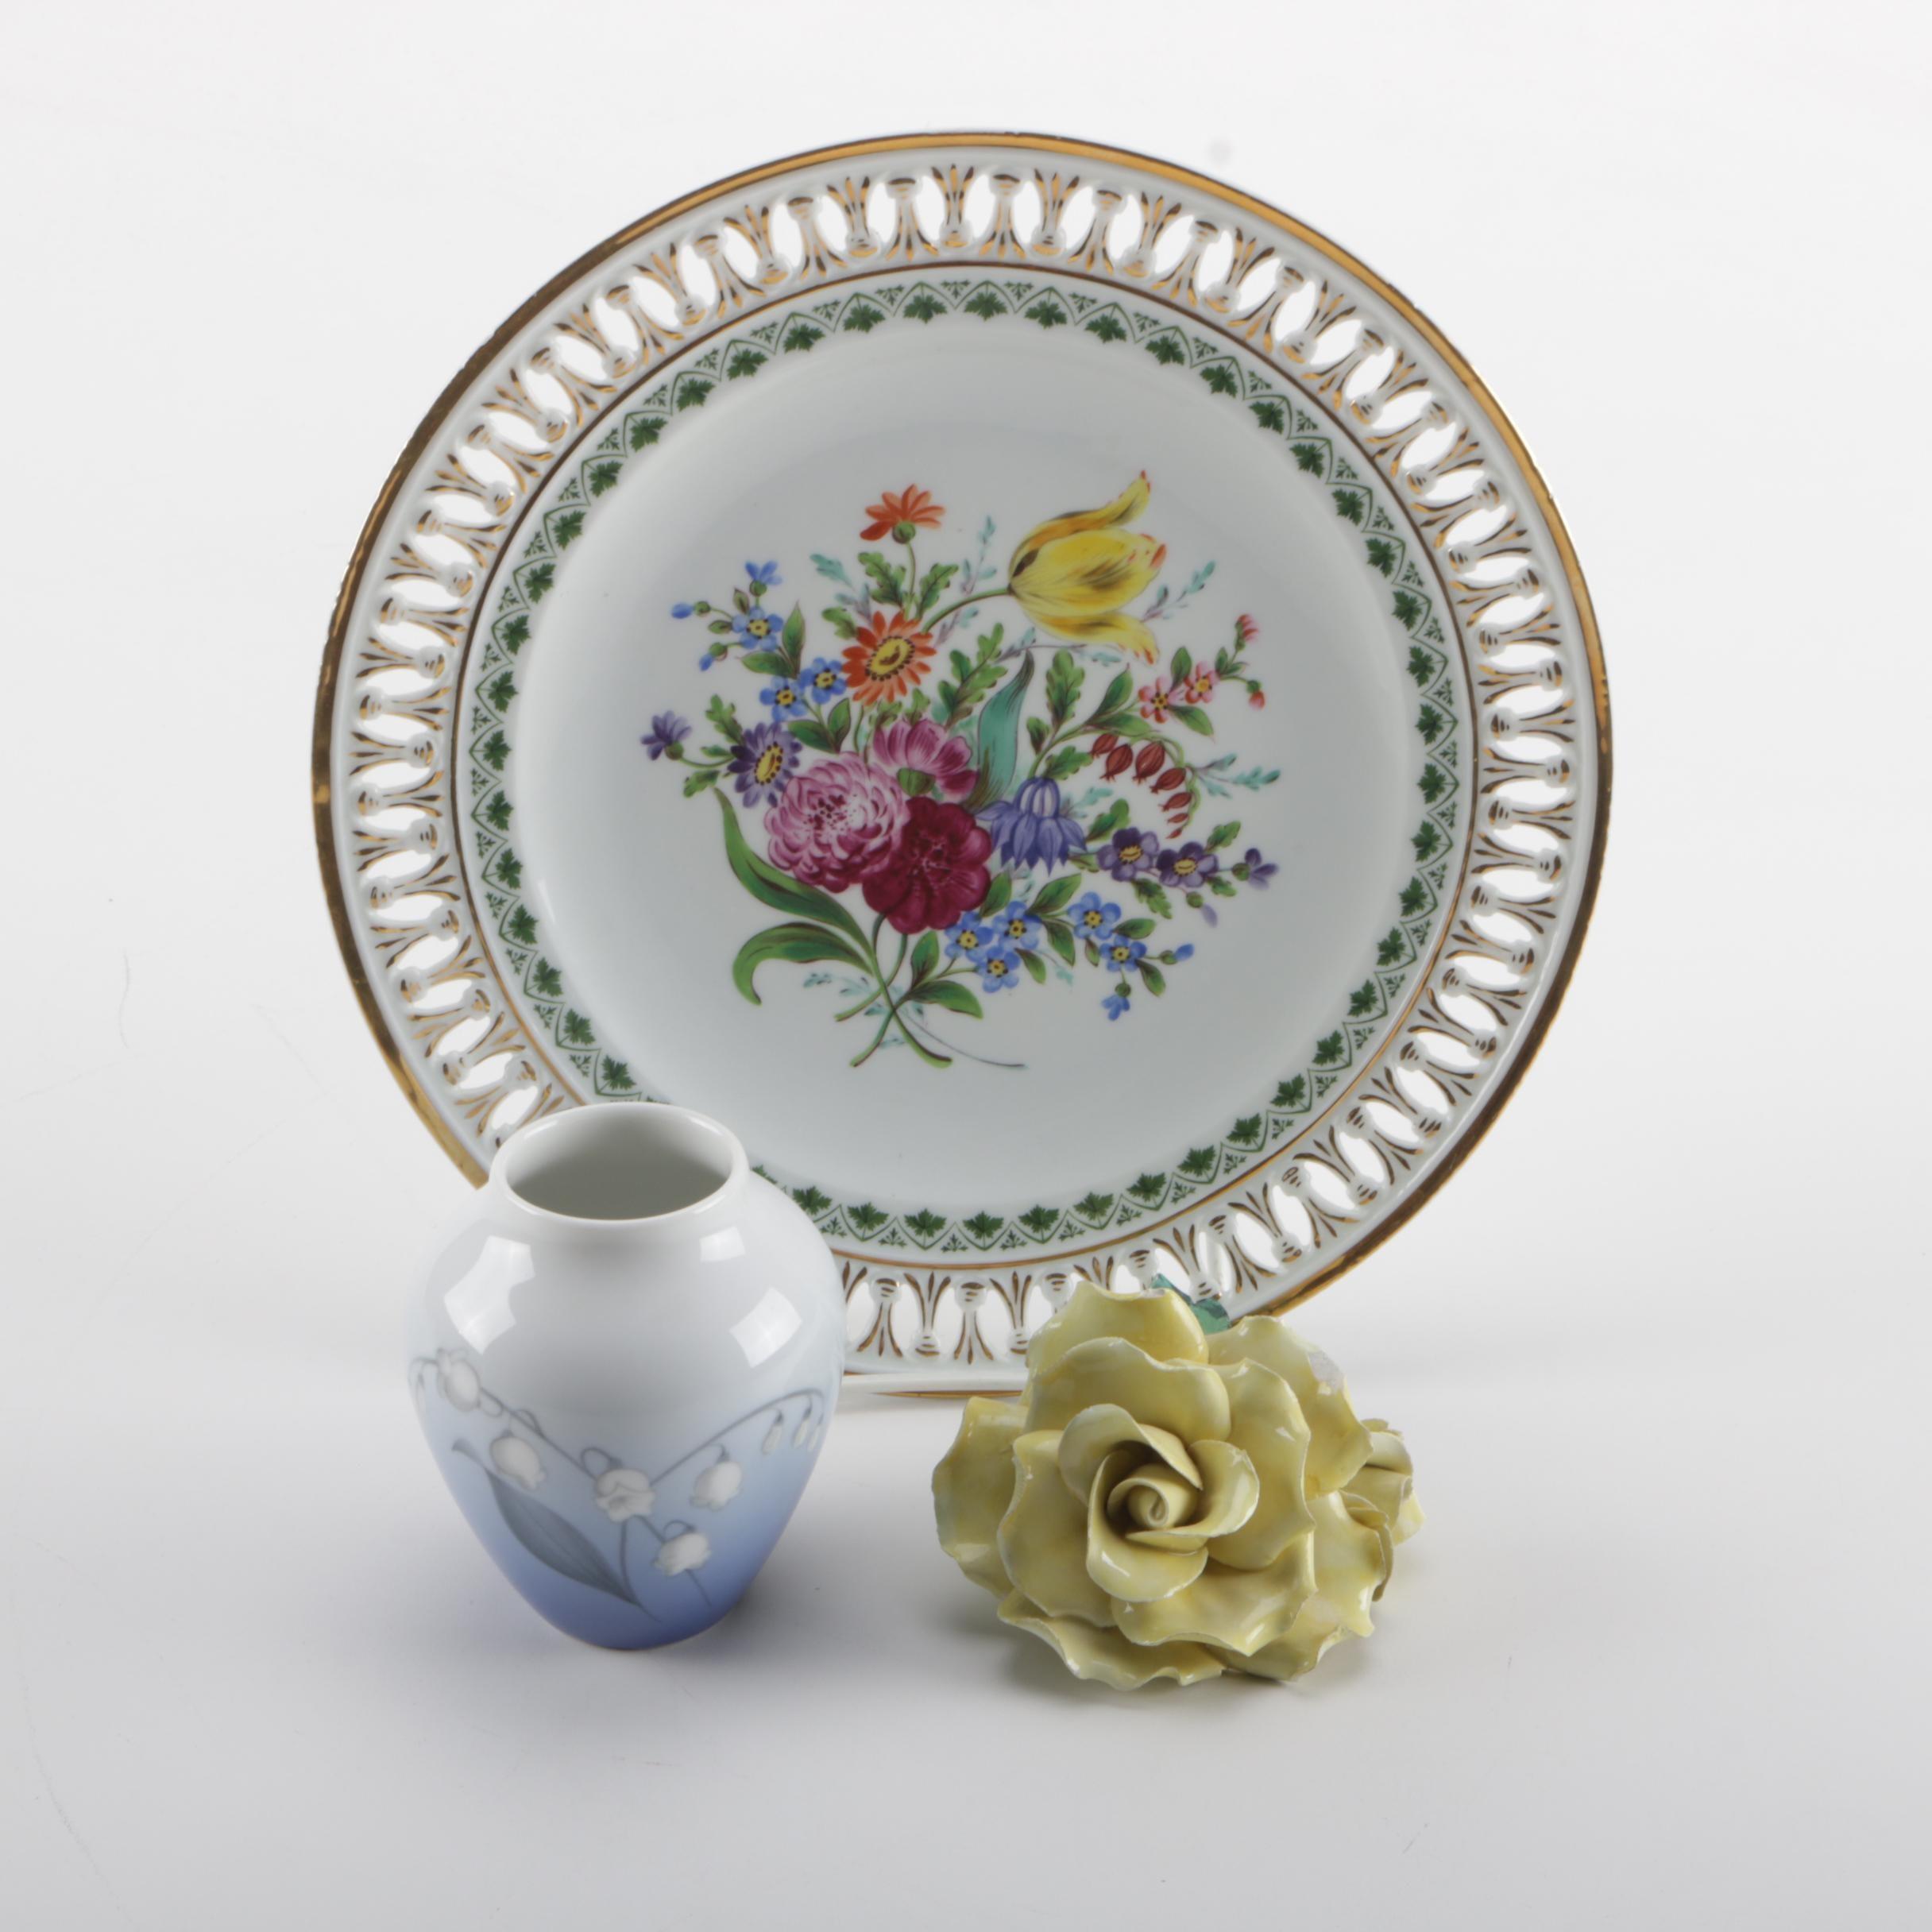 Porcelain Decor Including an Antique Meissen Plate